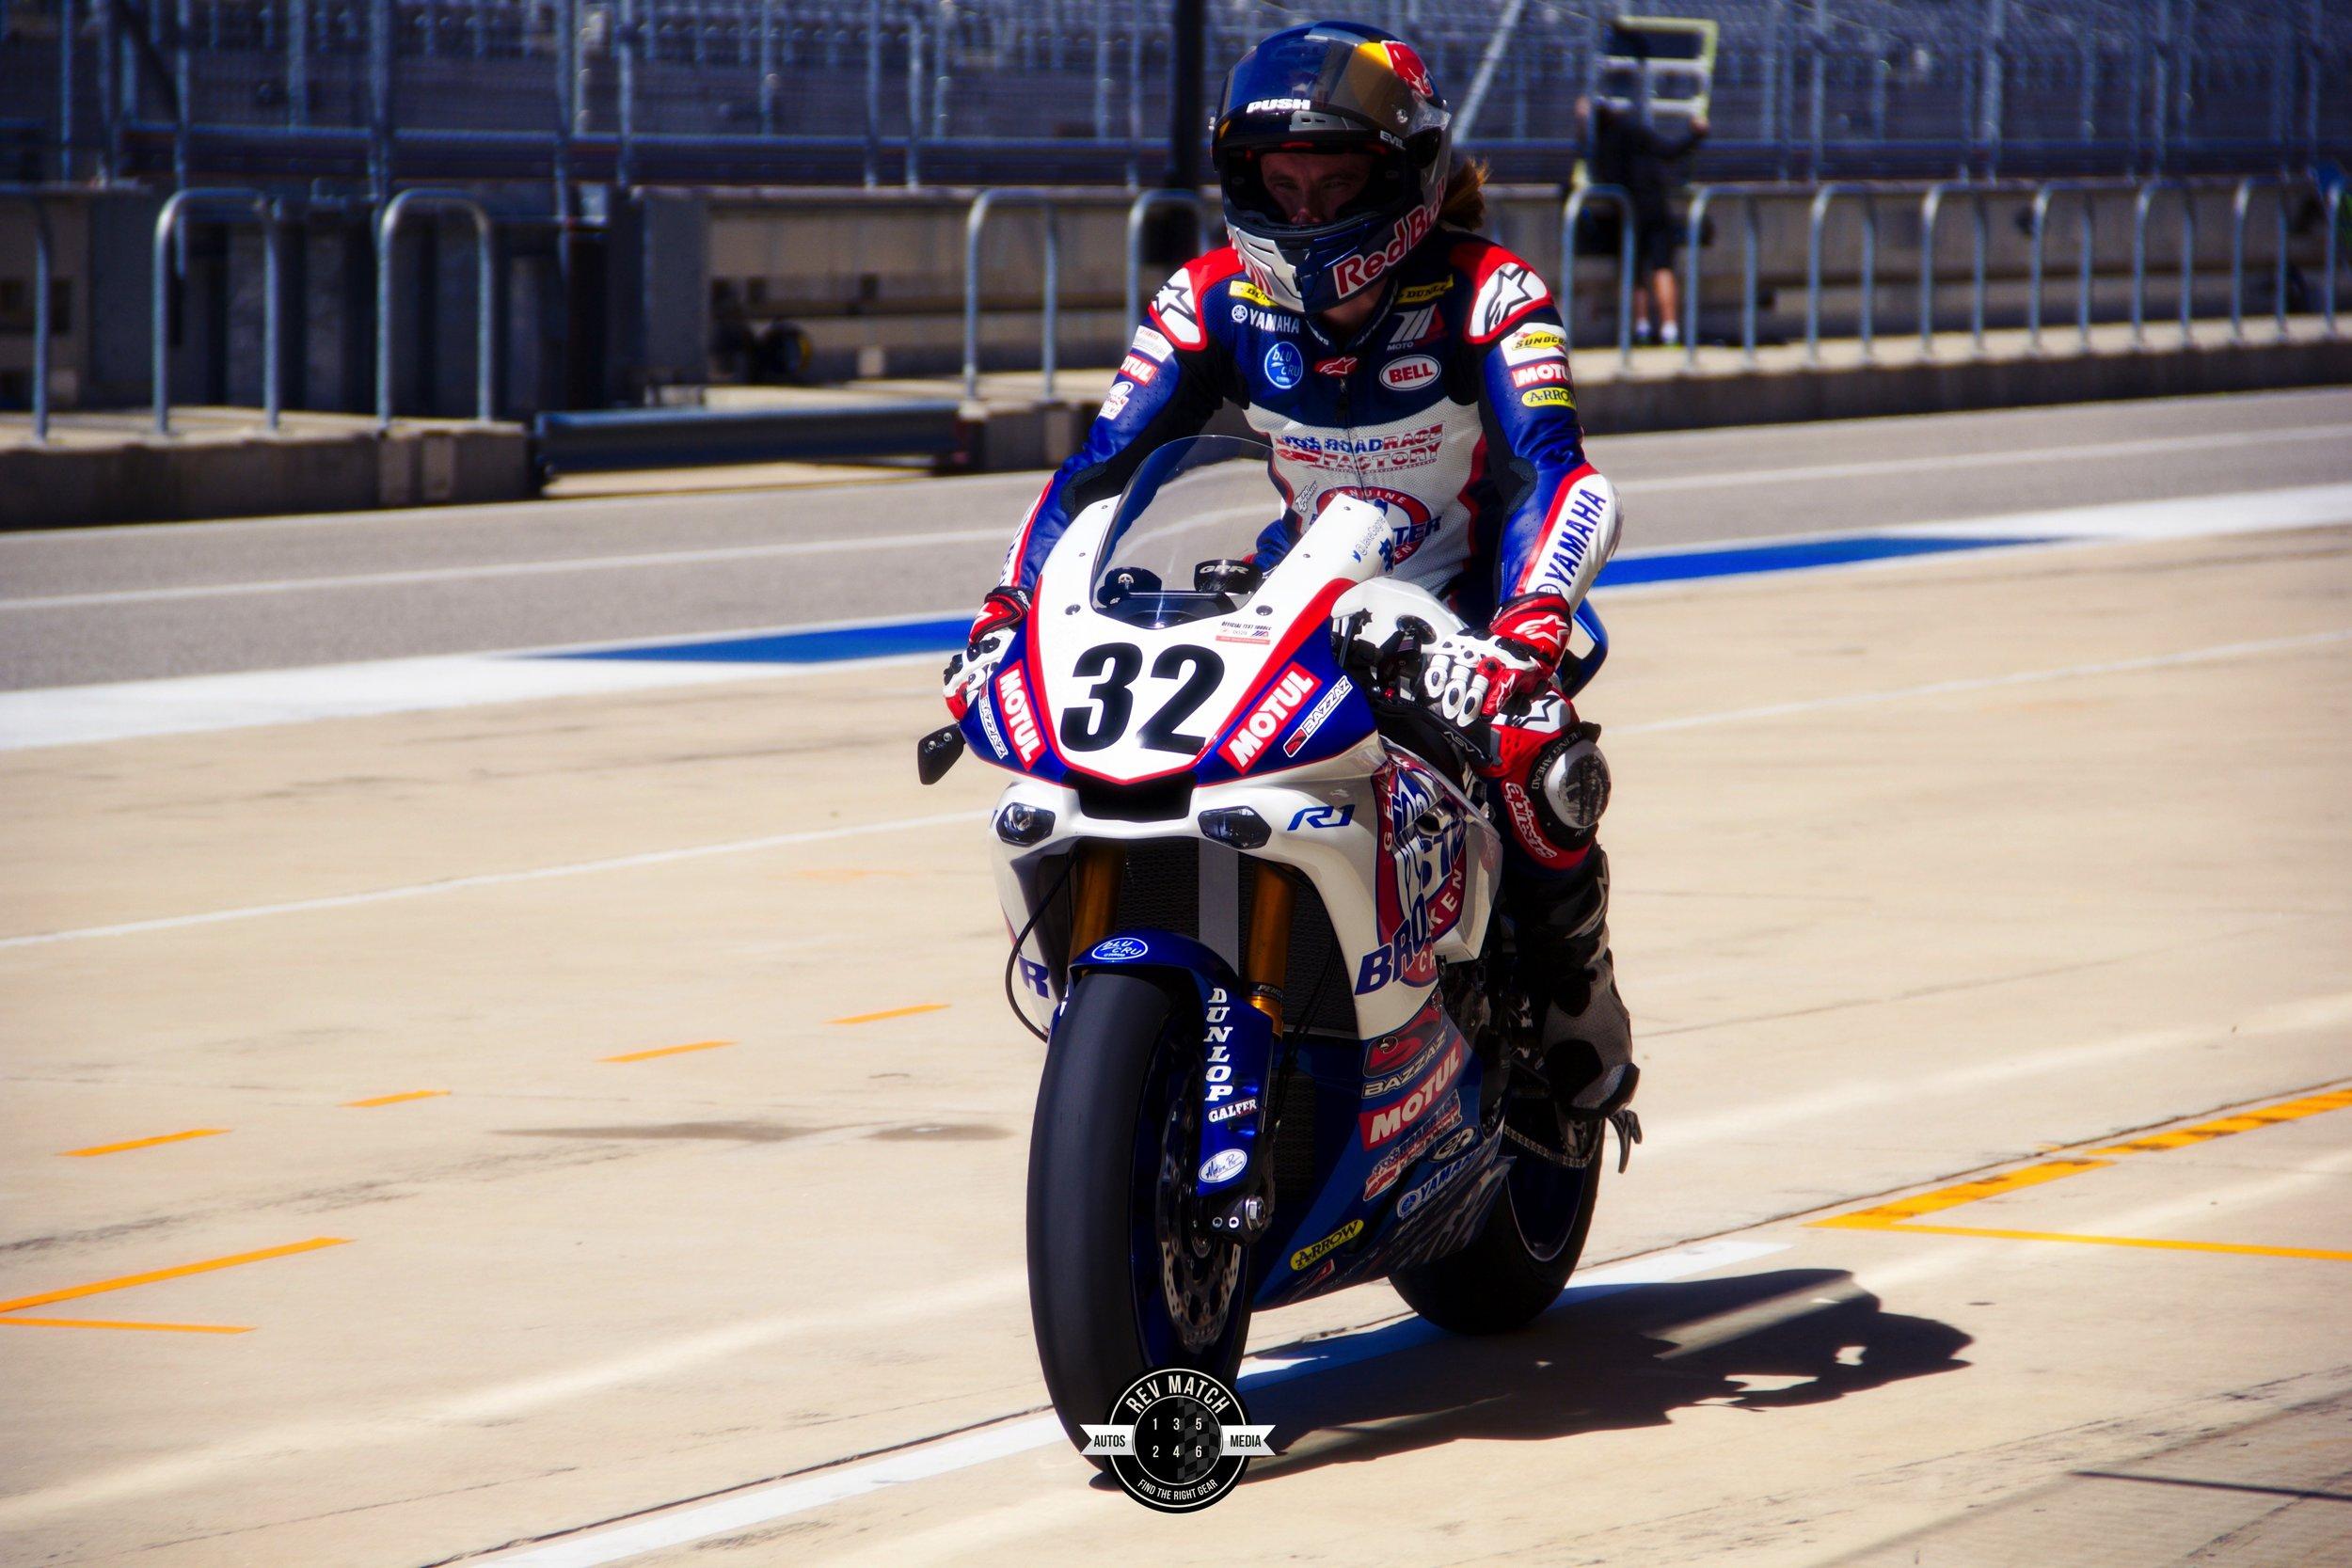 MotoGP COTA Testing 19.jpg